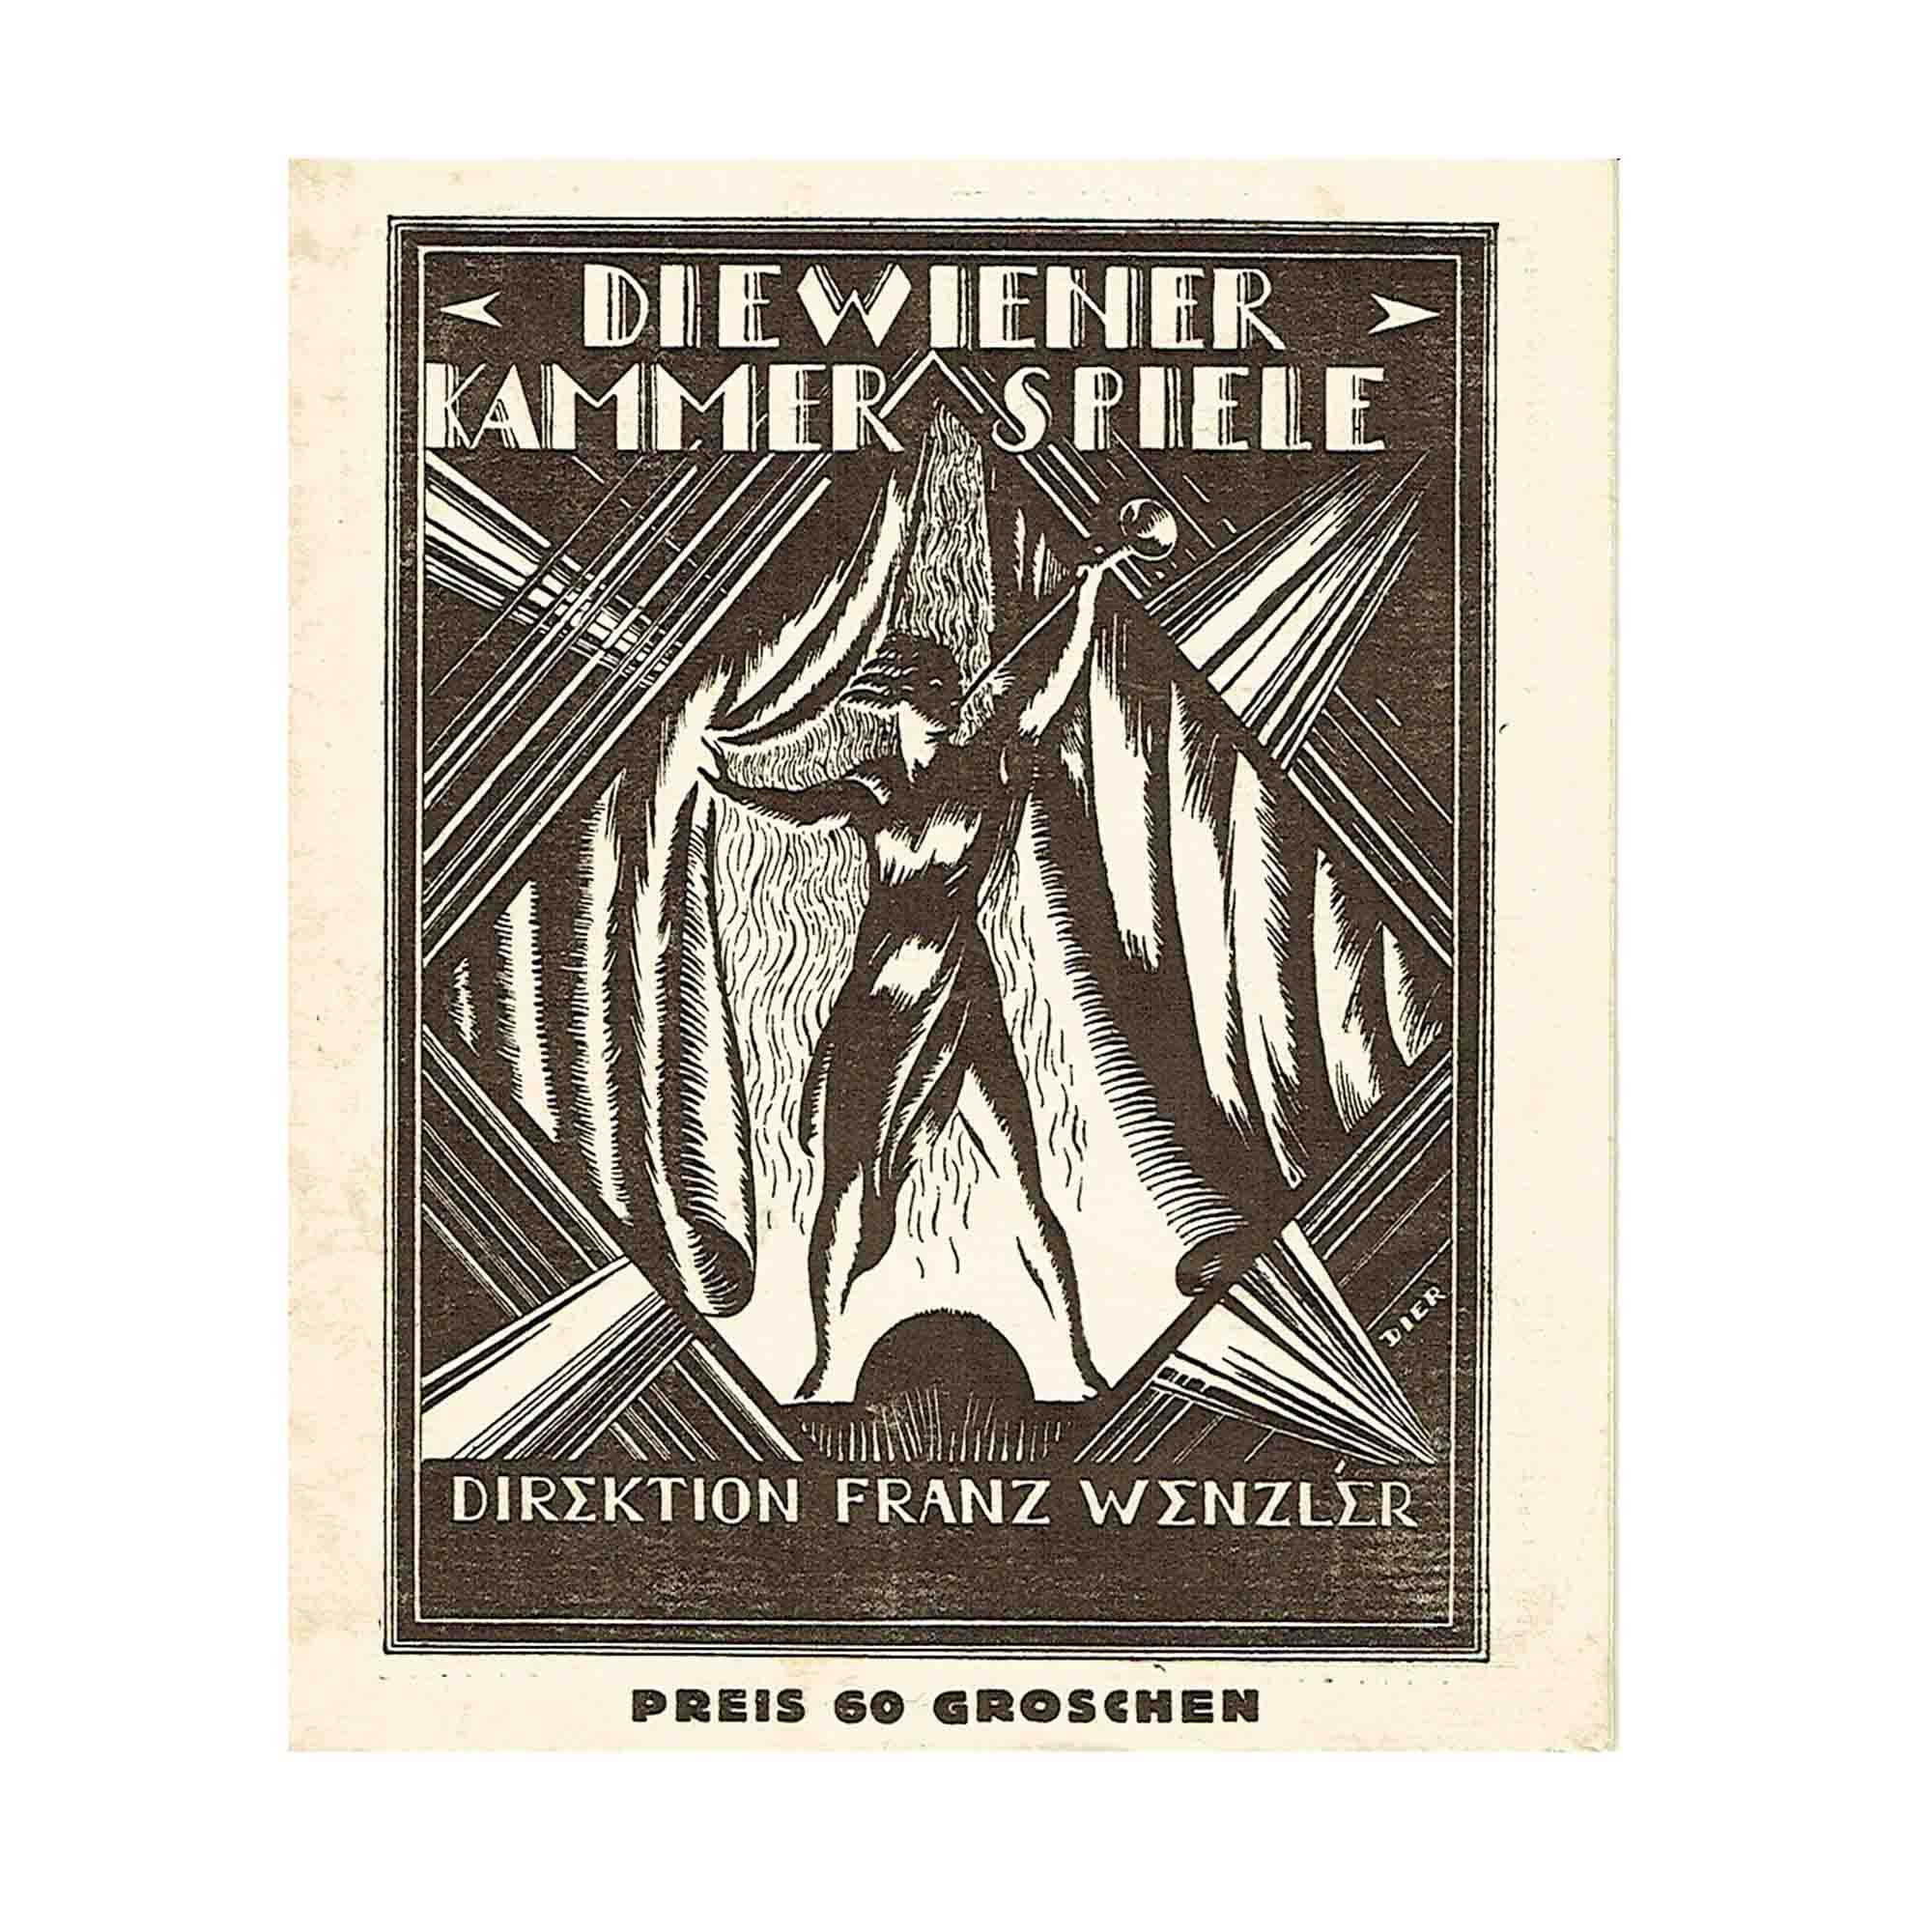 5428-Farkas-Hirschfeld-Dier-Jetzt-oder-nie-Programm-1928-N.jpg